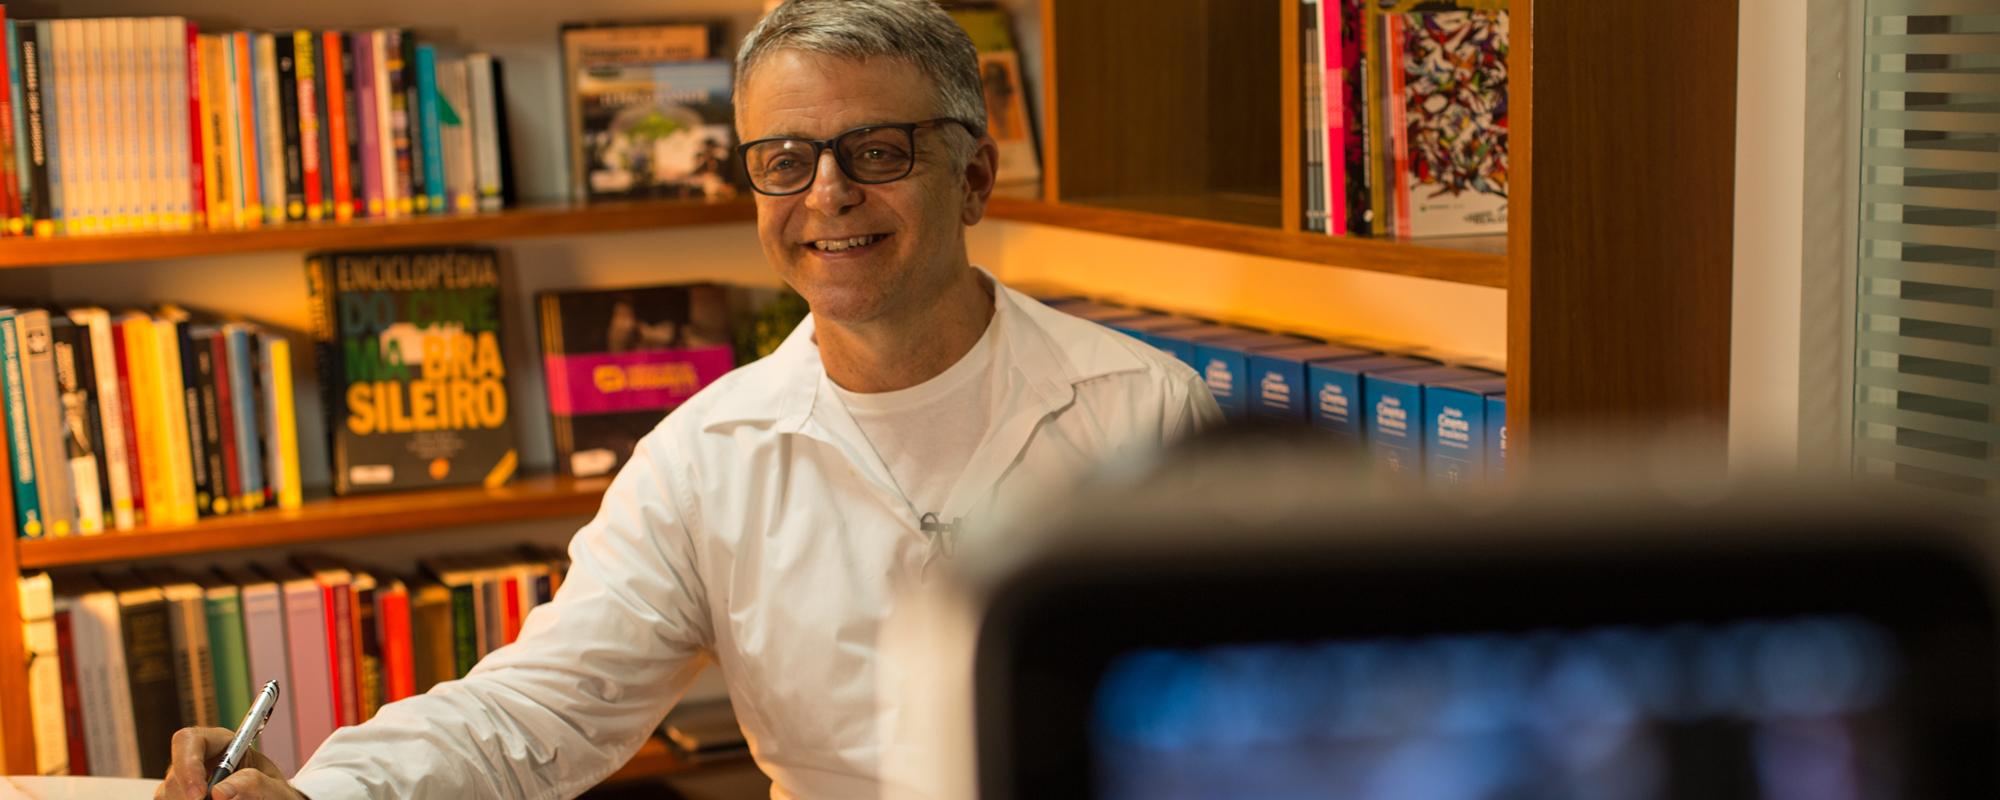 O roteirista Sergio Goldenberg abre a edição carioca da Semana de Cinema e Mercado 2018